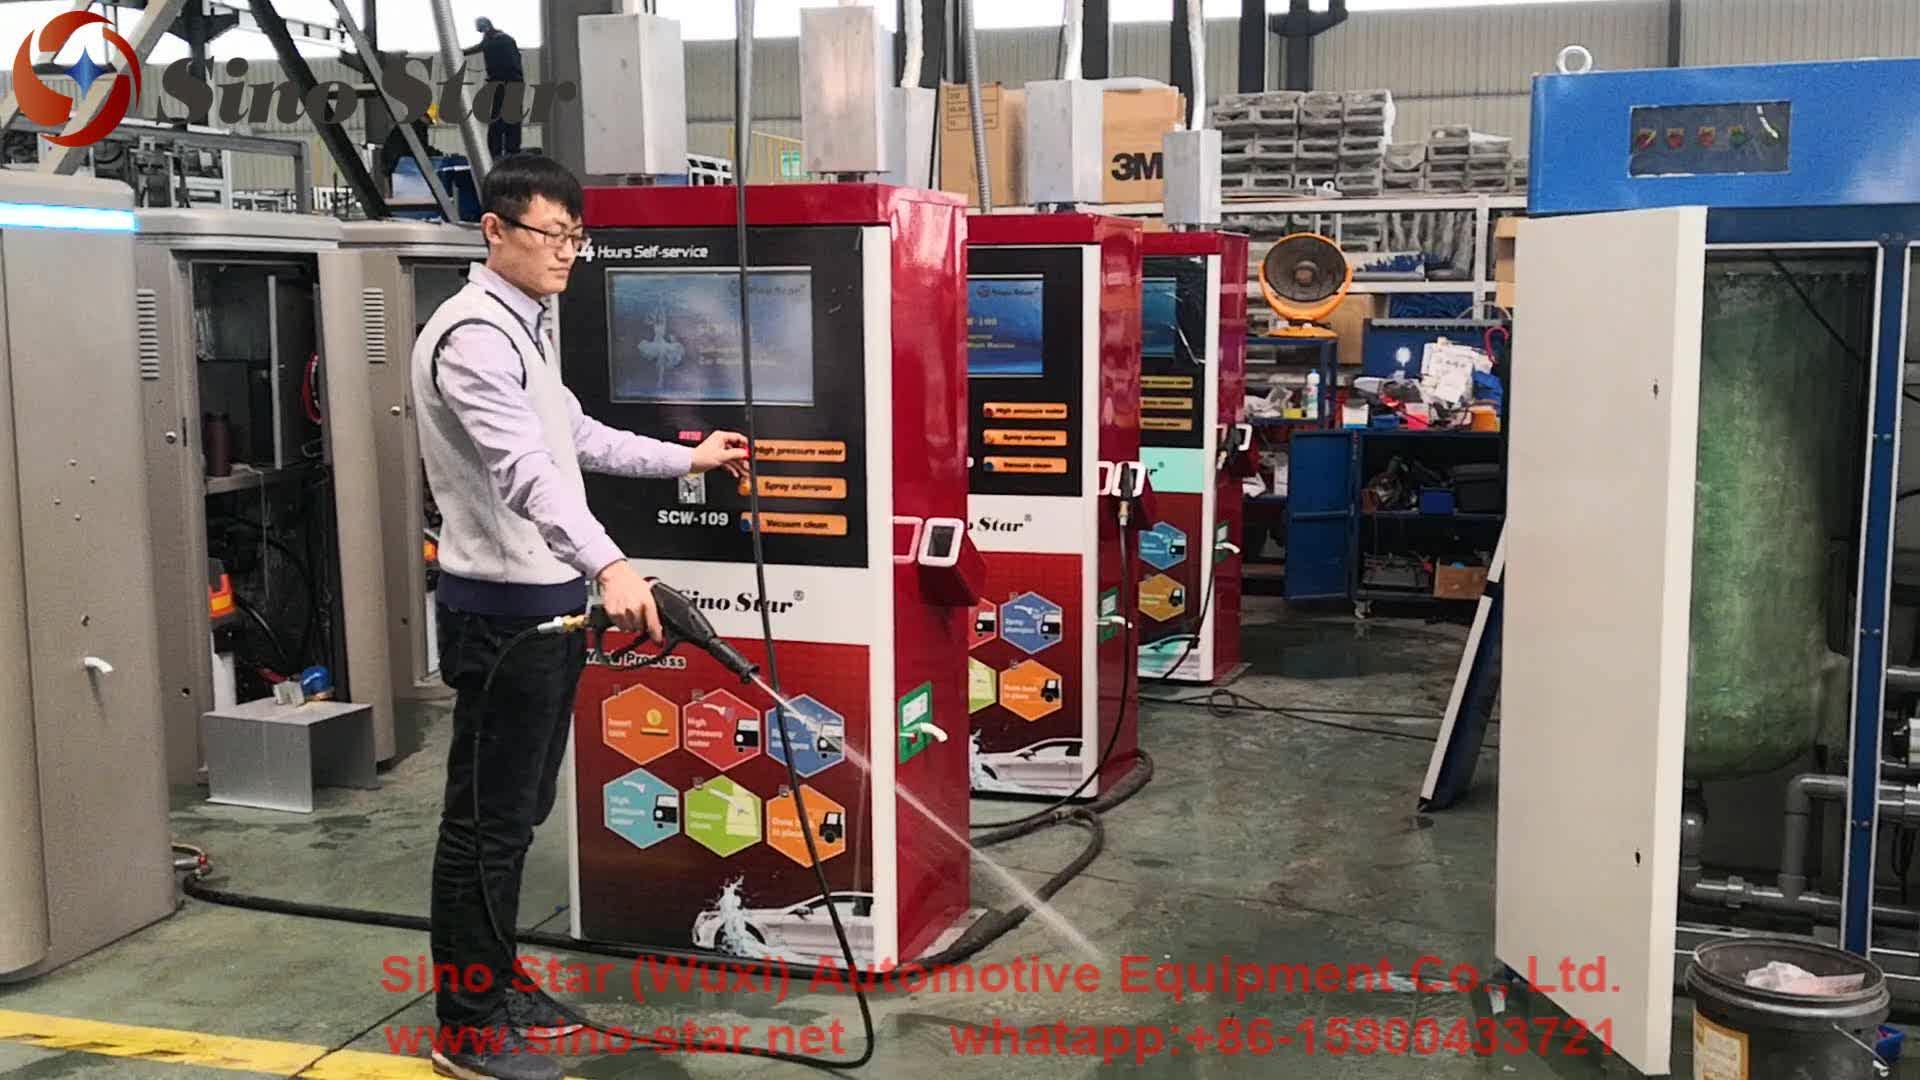 Hot - dip สังกะสีกรอบ Self เหรียญล้างรถ Bay รถล้างจาก Sino Star